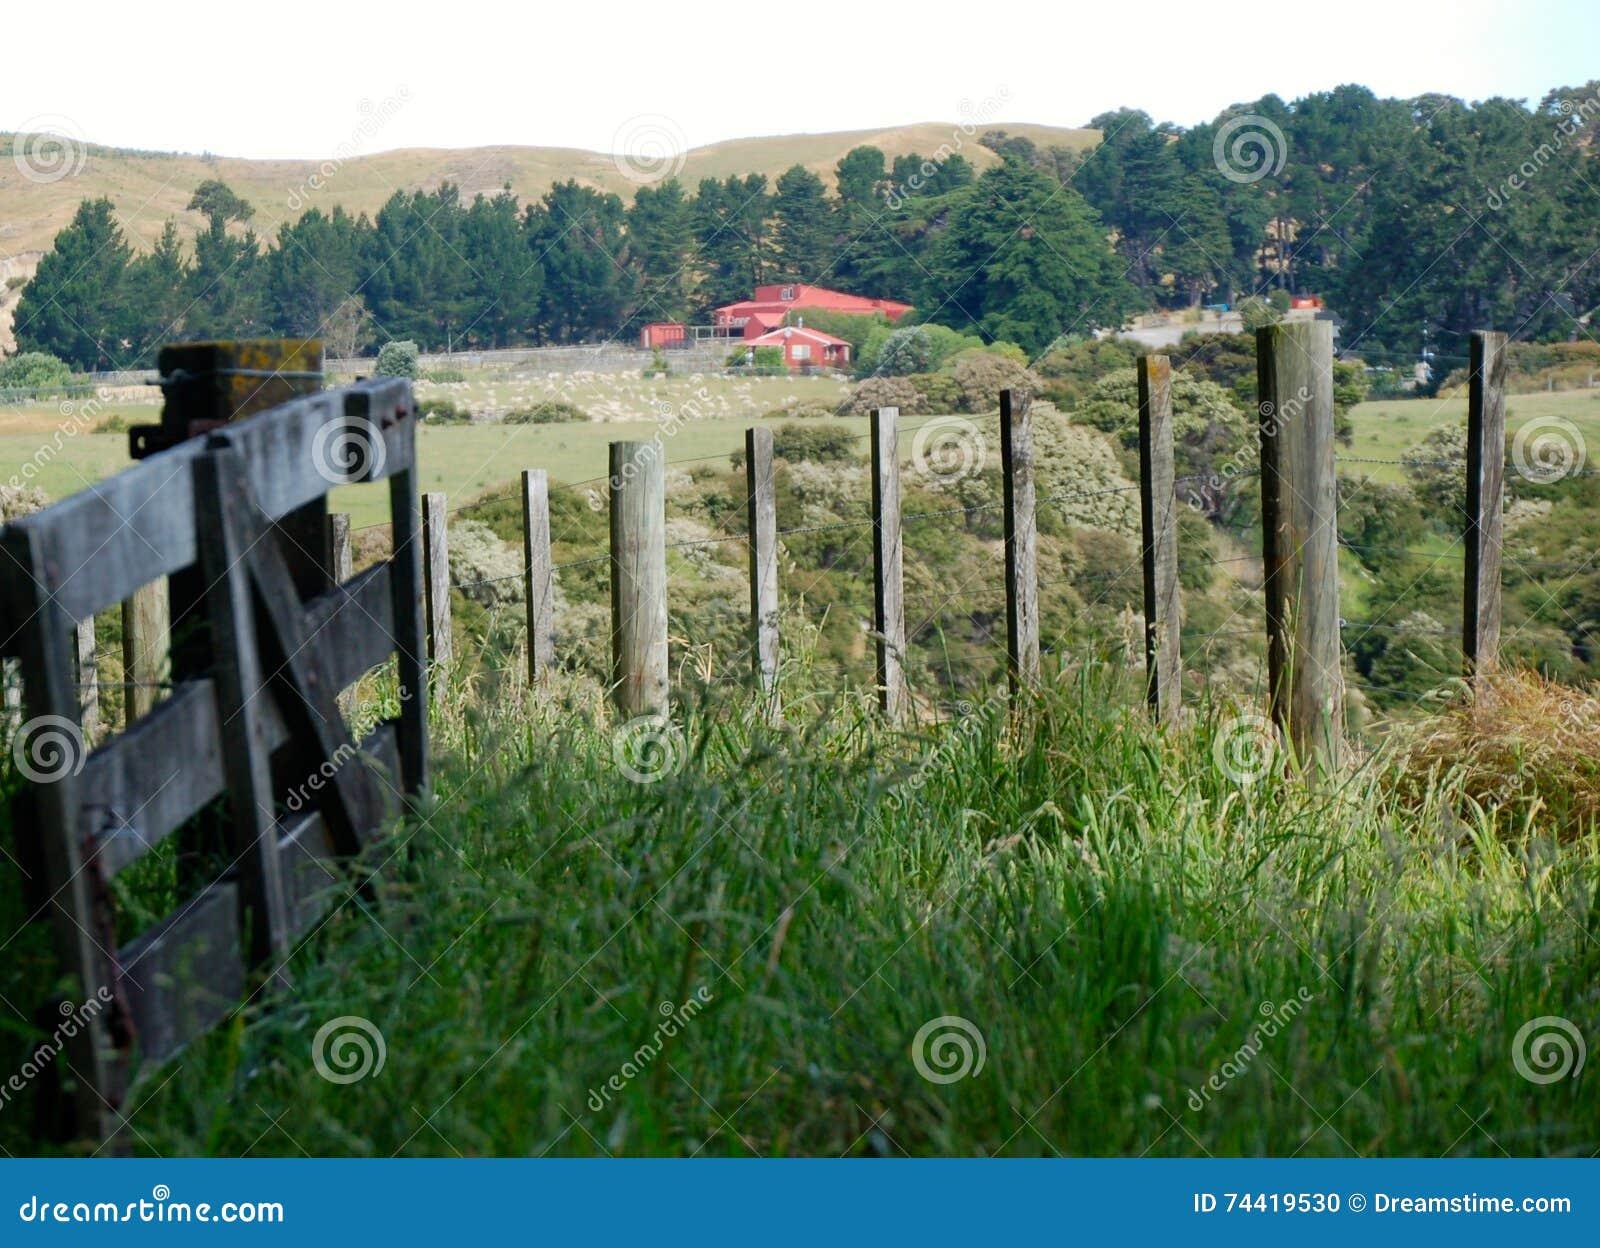 Paisaje hermoso, tierras de labrantío, paisaje rústico